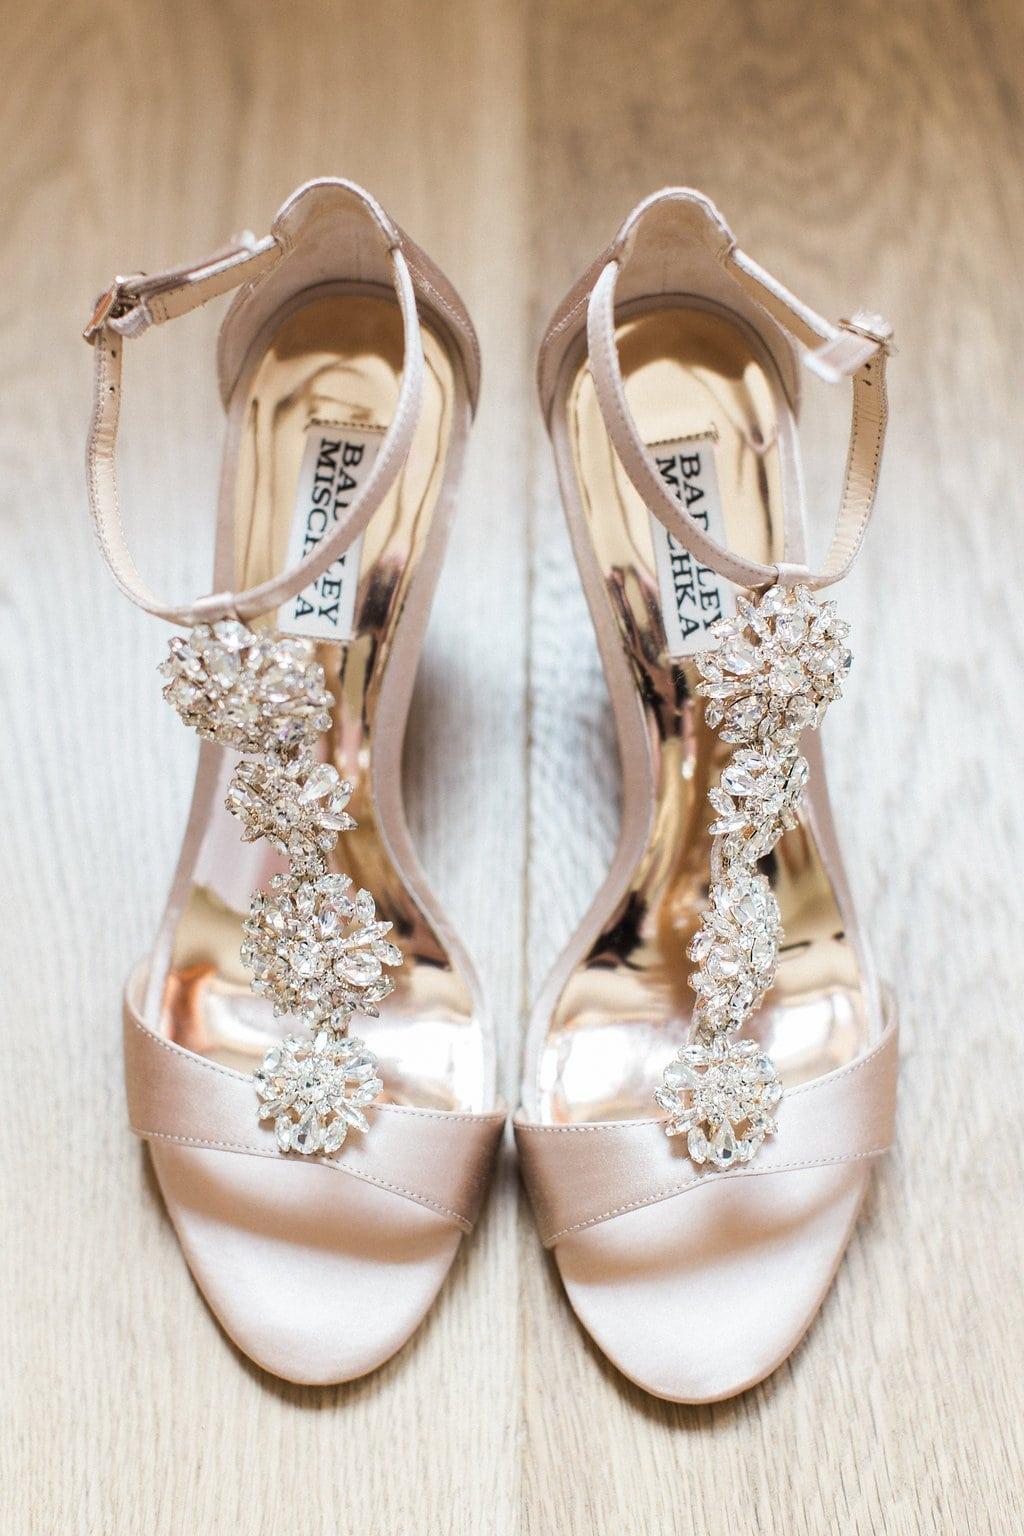 badgley mischka Finesse Embellished Block Heel Sandals bridal shoes